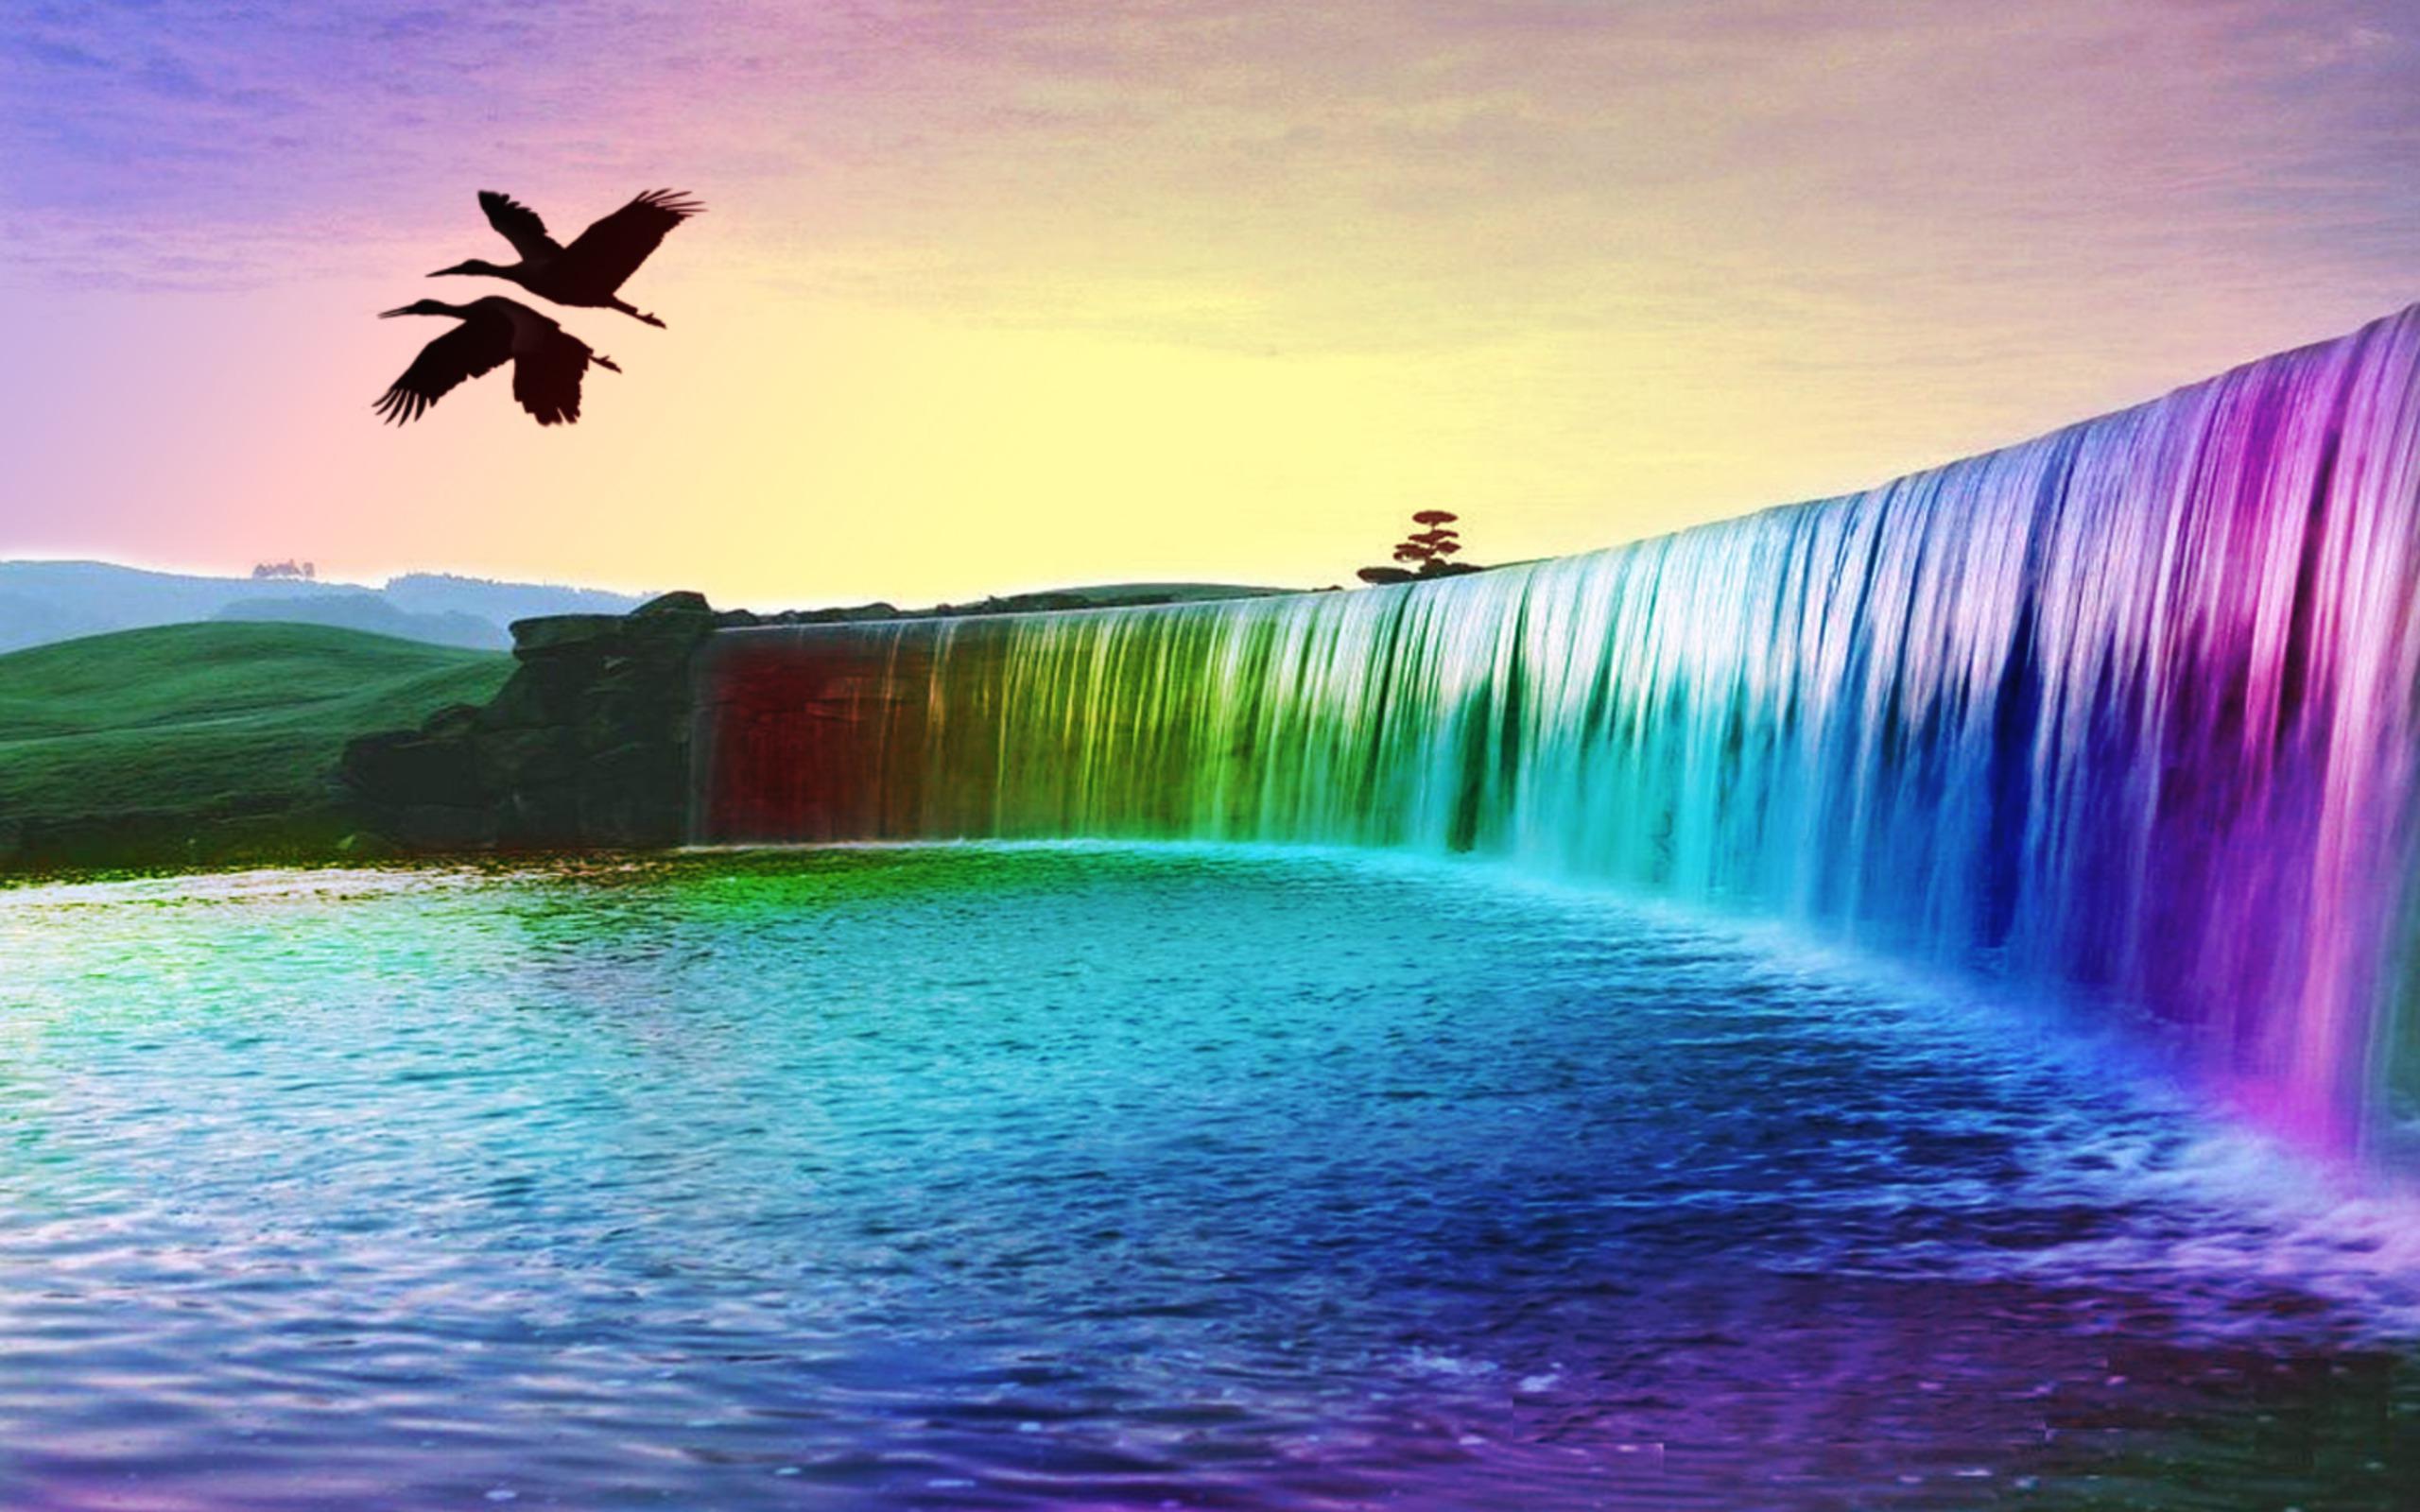 http://cdn.oboi7.com/21217f0d316c1e975e9b8eca2963063000f76aab/pejzazhi-mnogocvetnyj-vodopady.jpg